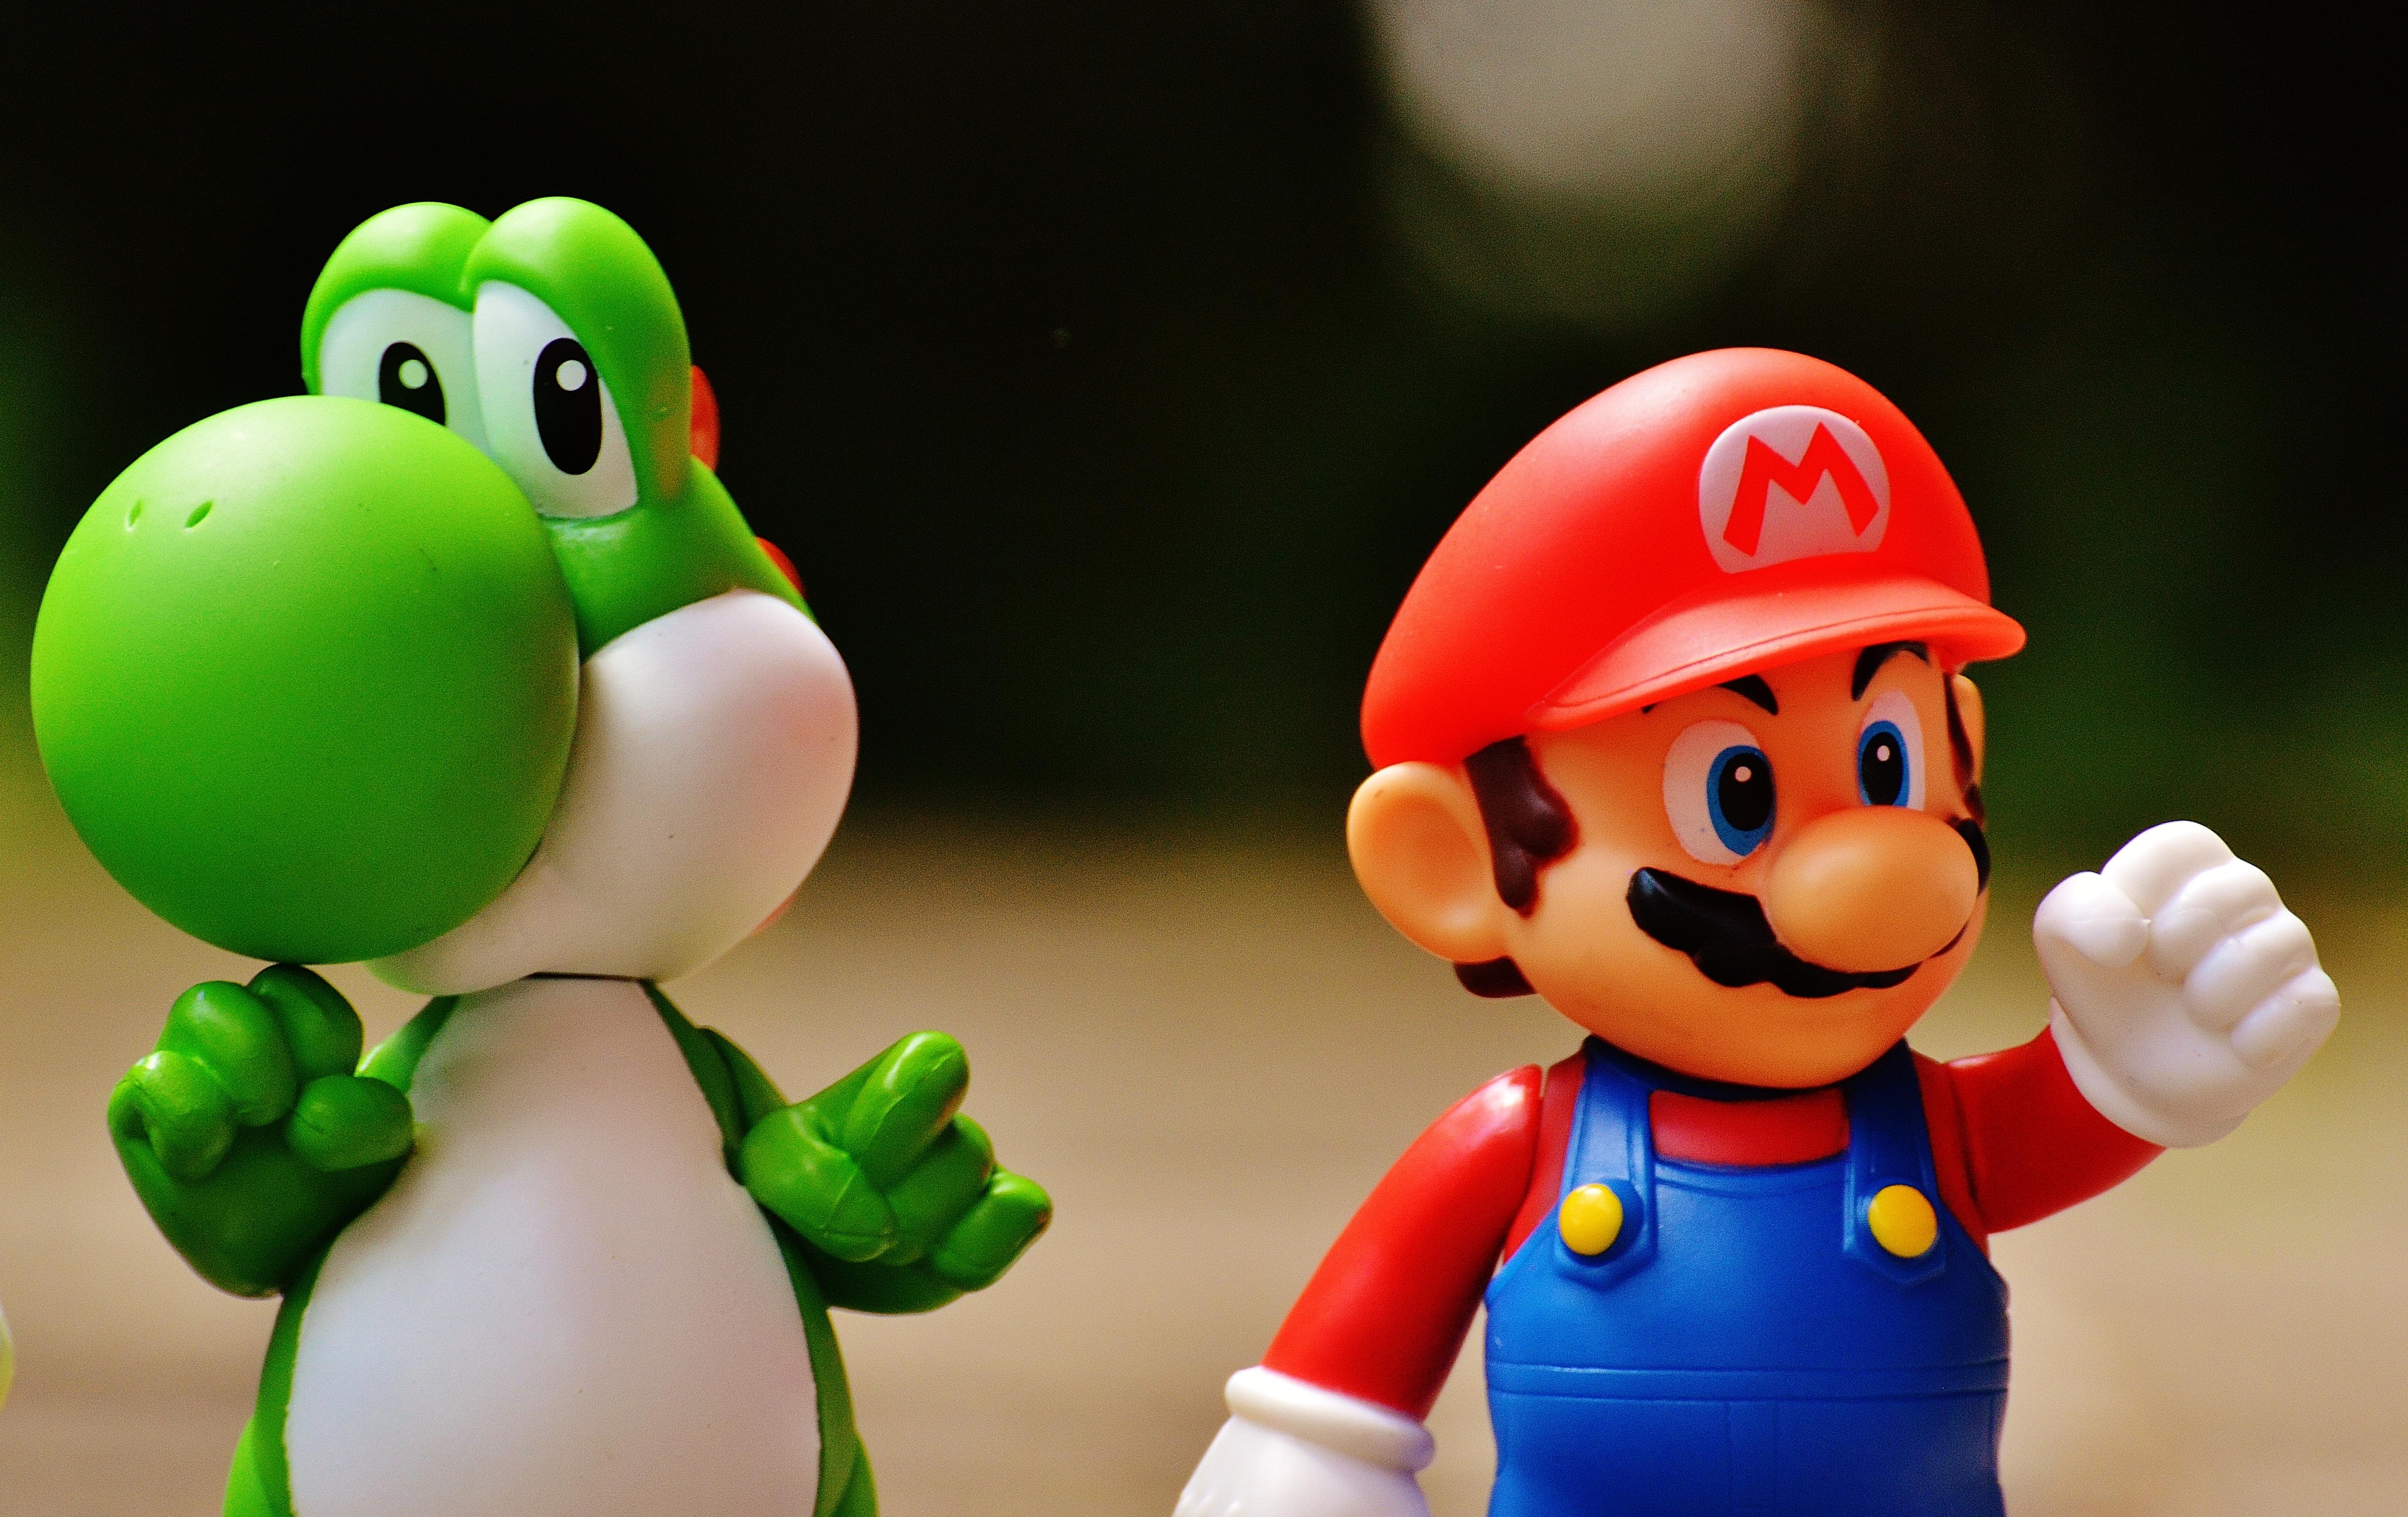 Nieuw Gratis Afbeeldingen : Videospel, spelen, retro, schattig, groen AO-61